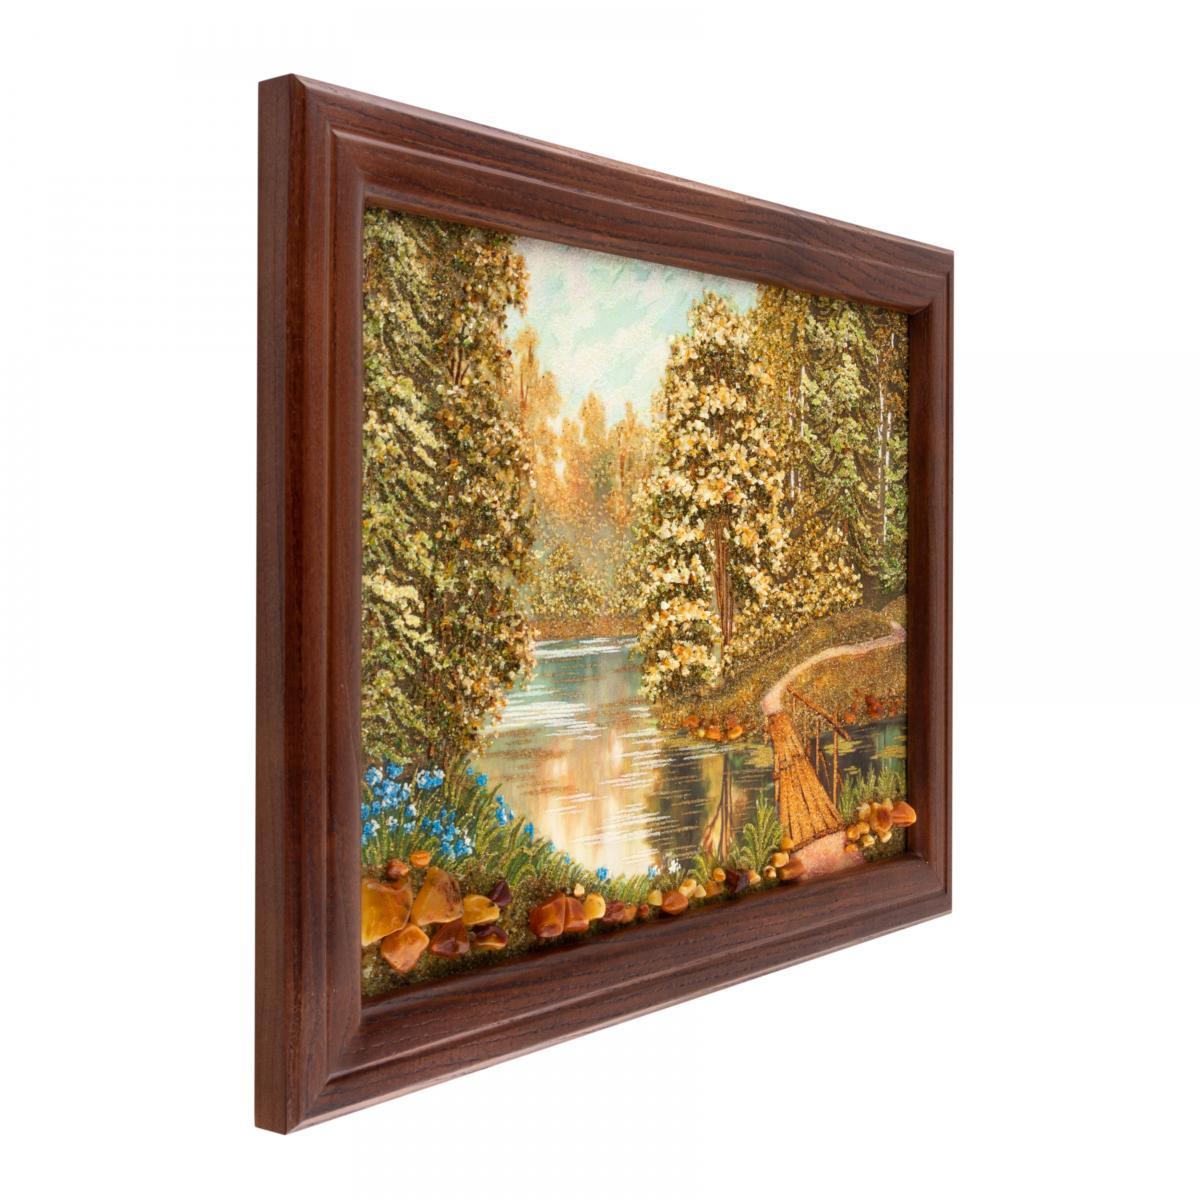 Картина з бурштину Лісова річка. Фото №2. | Народний дім Україна